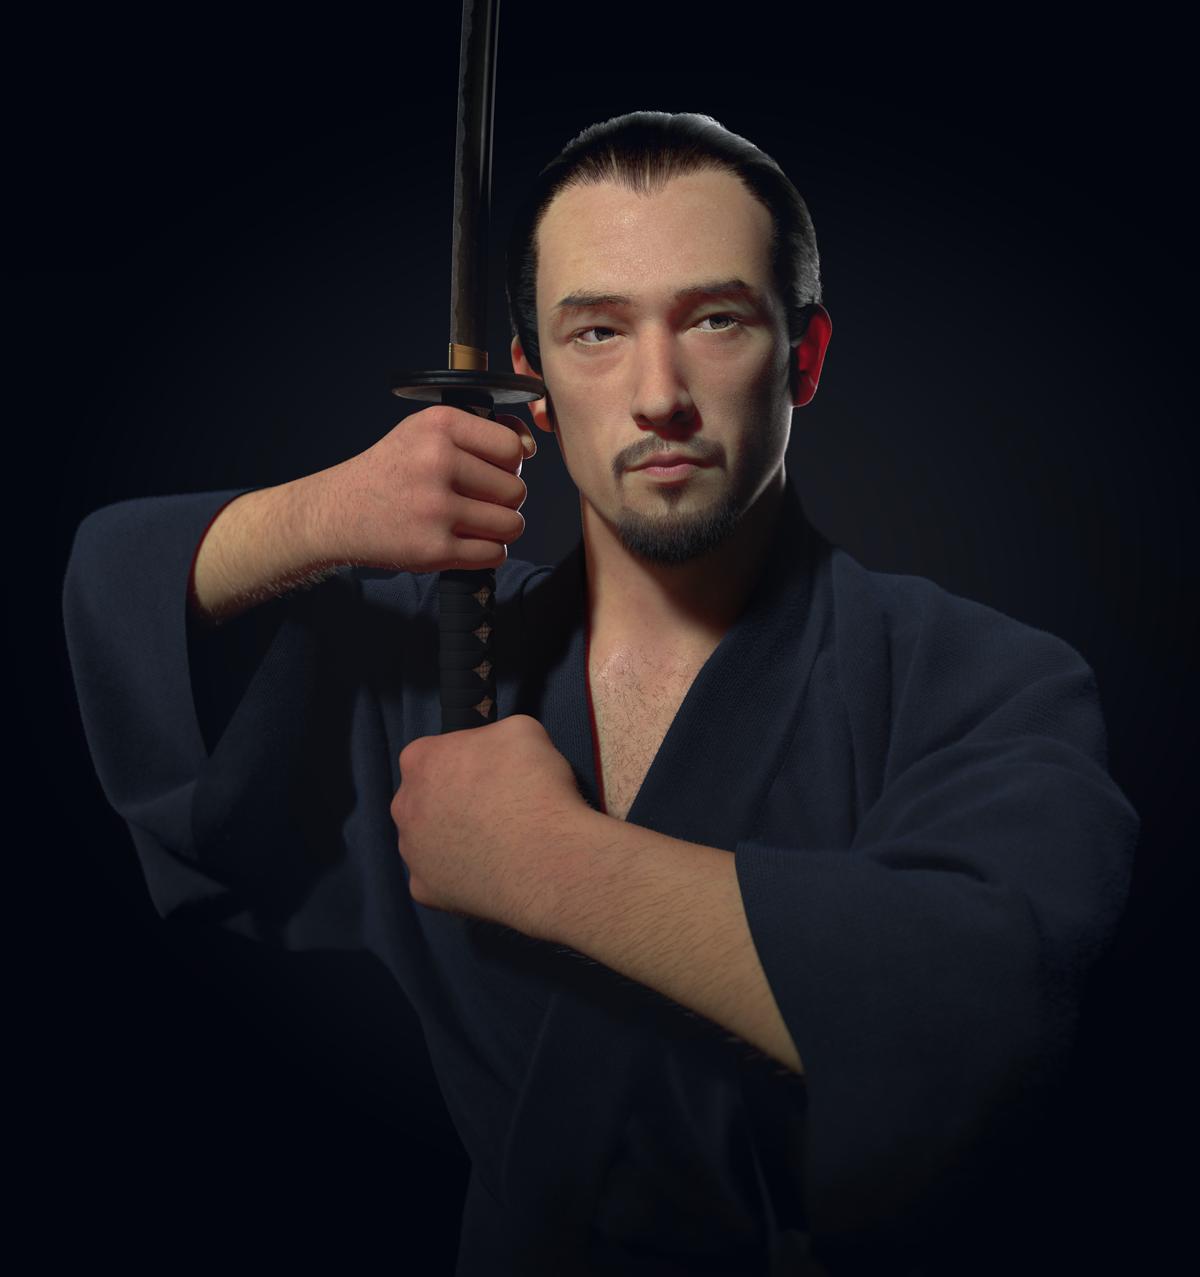 Samurai4k